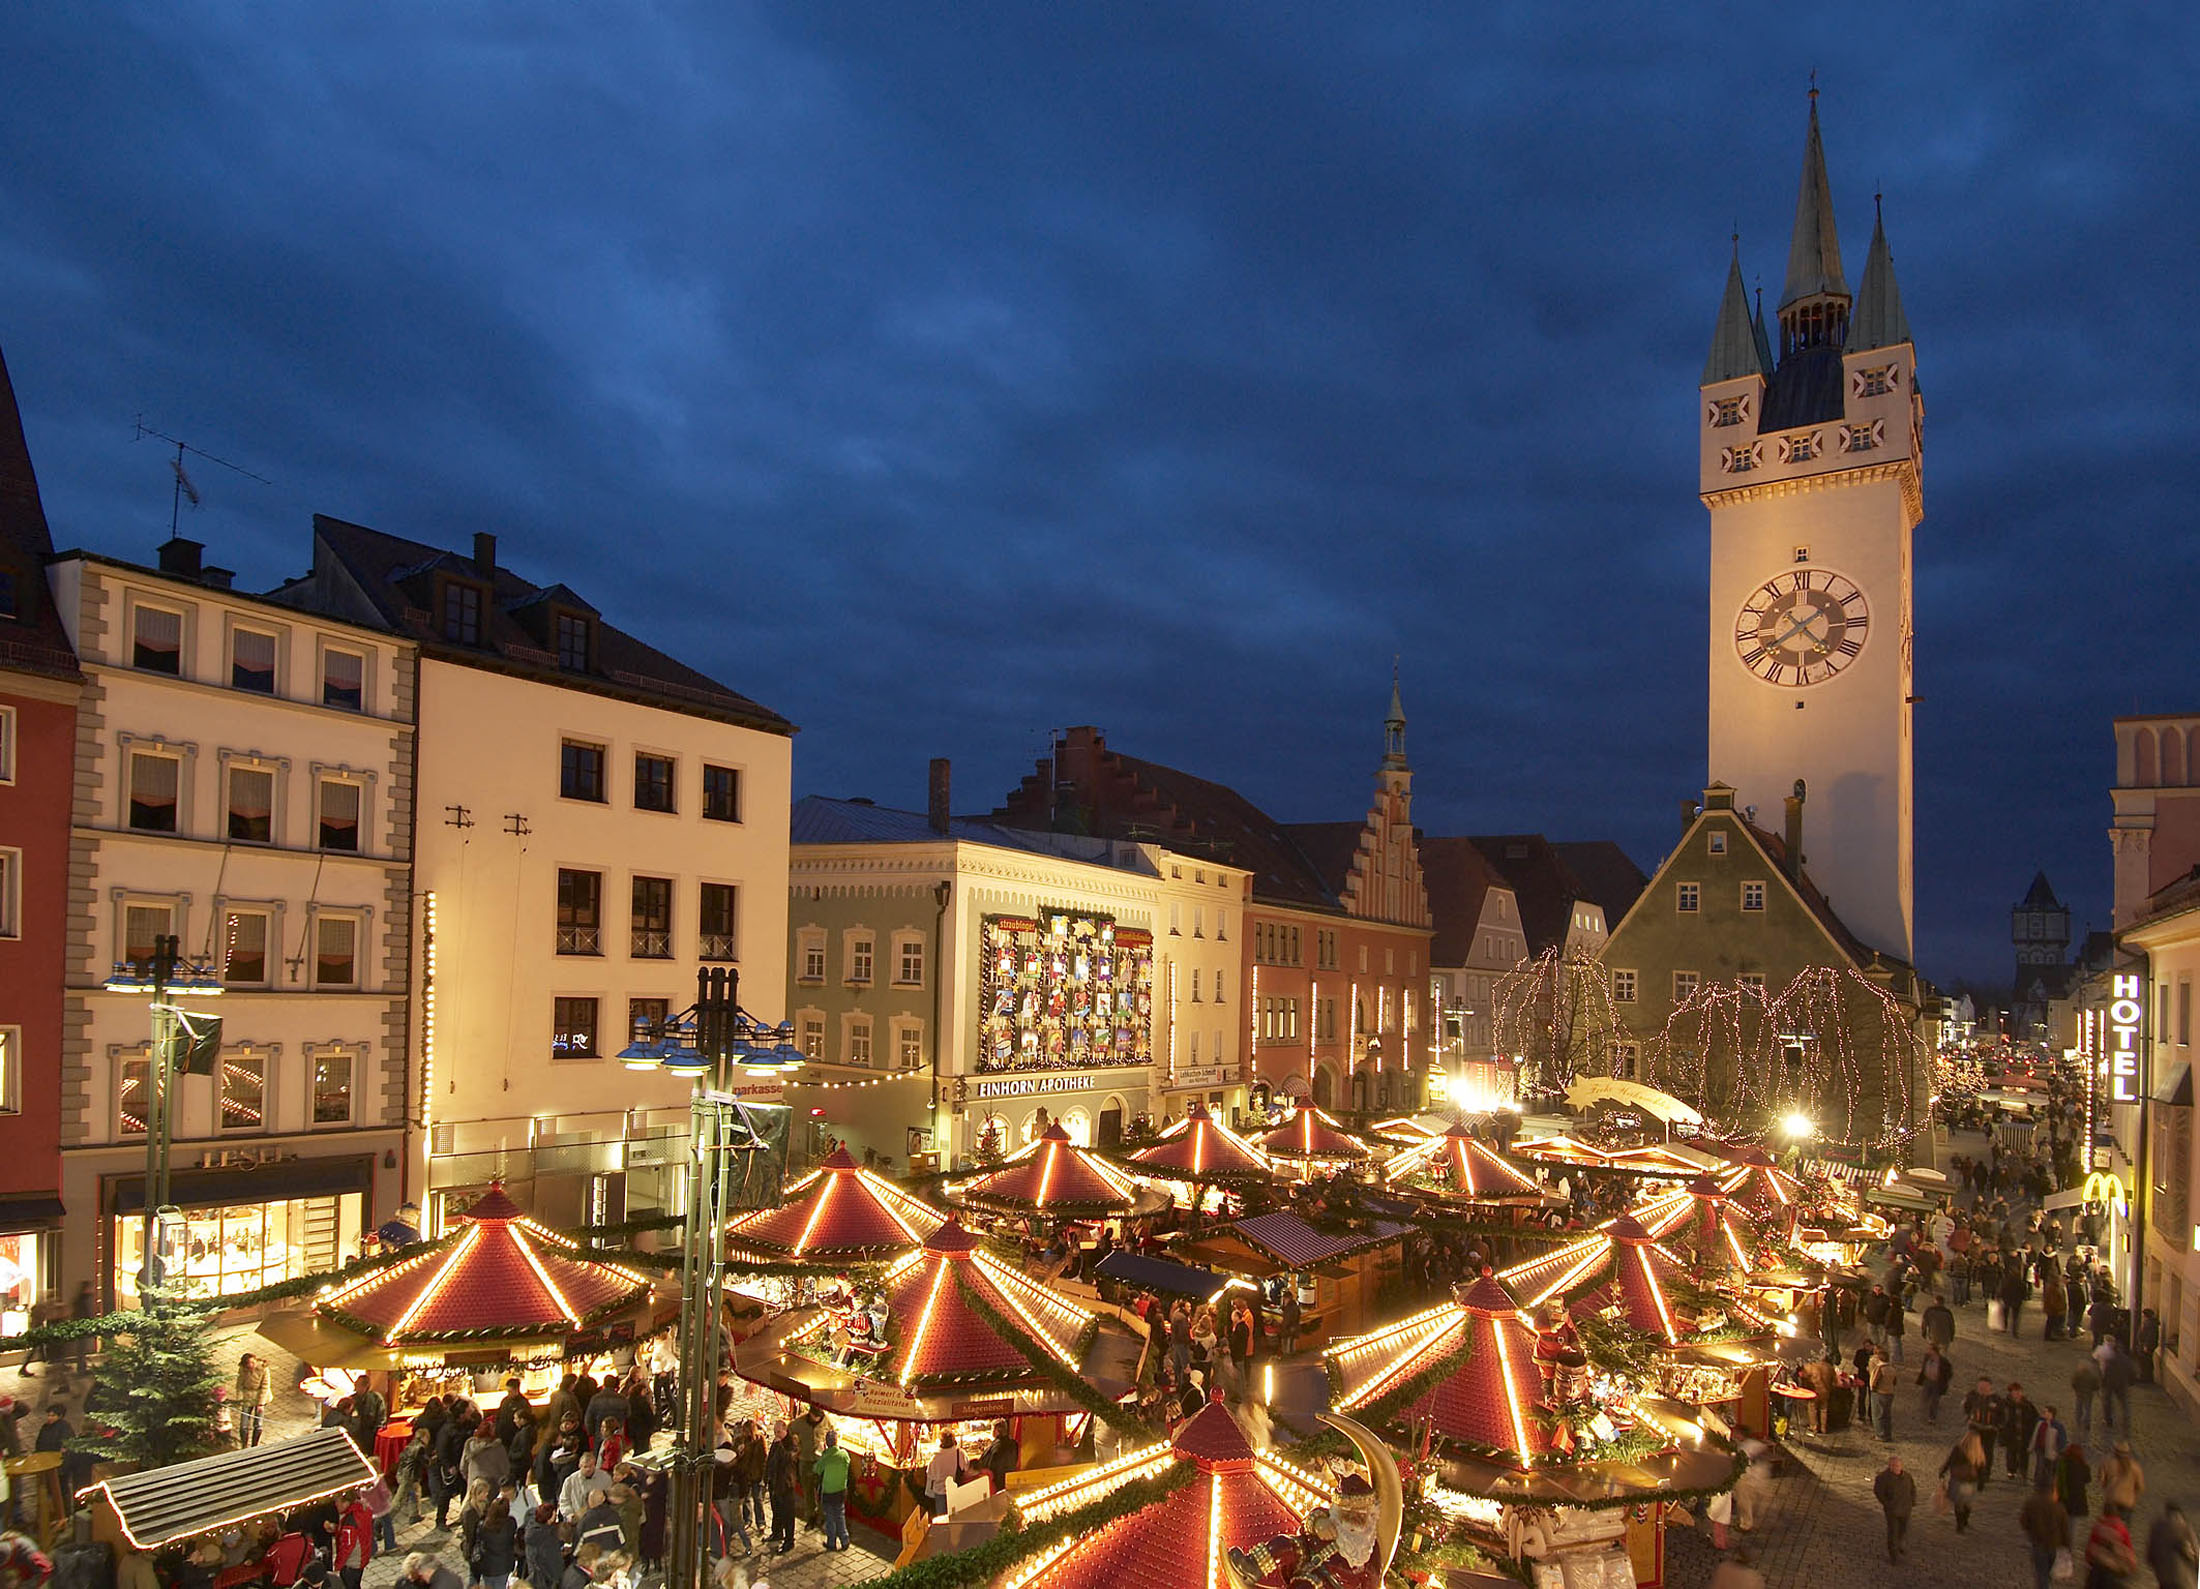 Christmas Market Straubing- Historischer Christkindlmarkt in Straubing